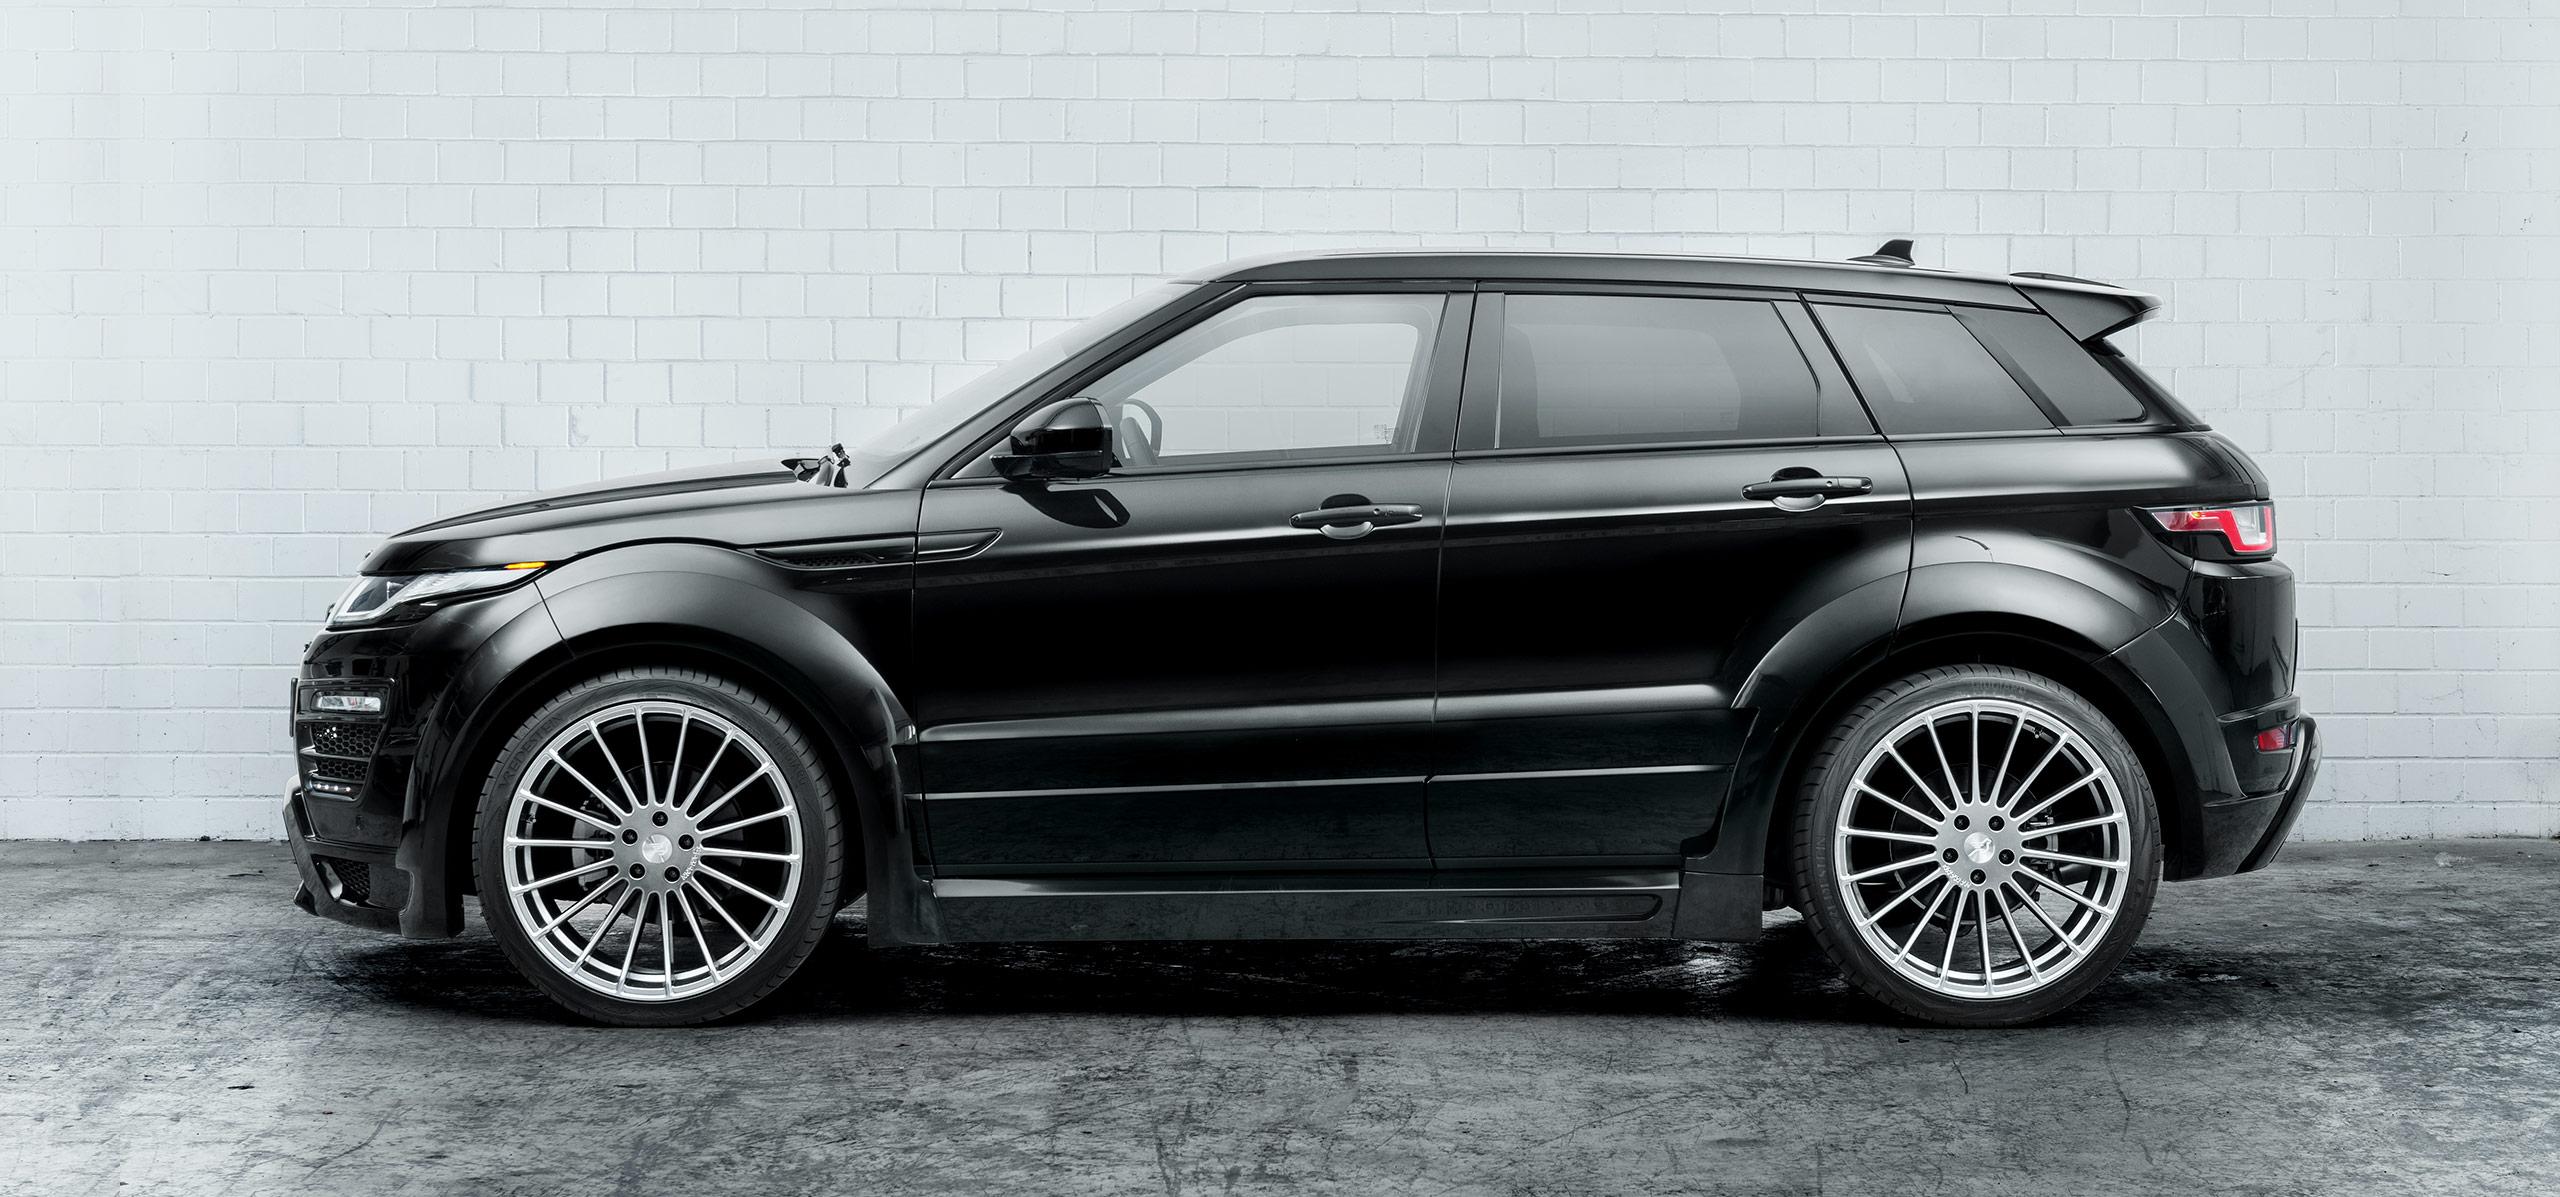 Range Rover Evoque >> Range Rover Evoque 5 Door Widebody – Hamann Motorsport UK